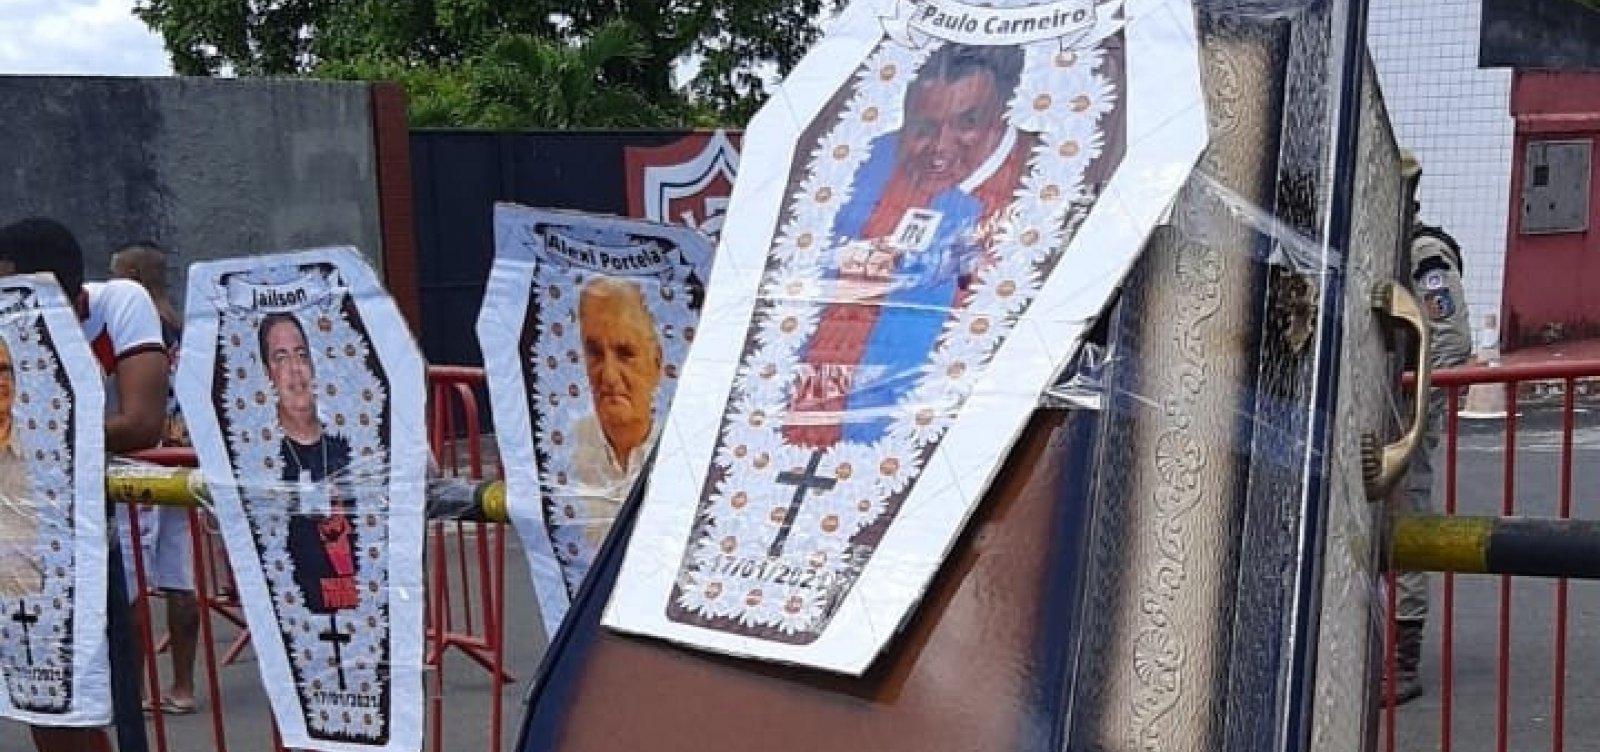 Torcida do Vitória protesta no Barradão e promove 'enterro simbólico' de Paulo Carneiro; vídeo